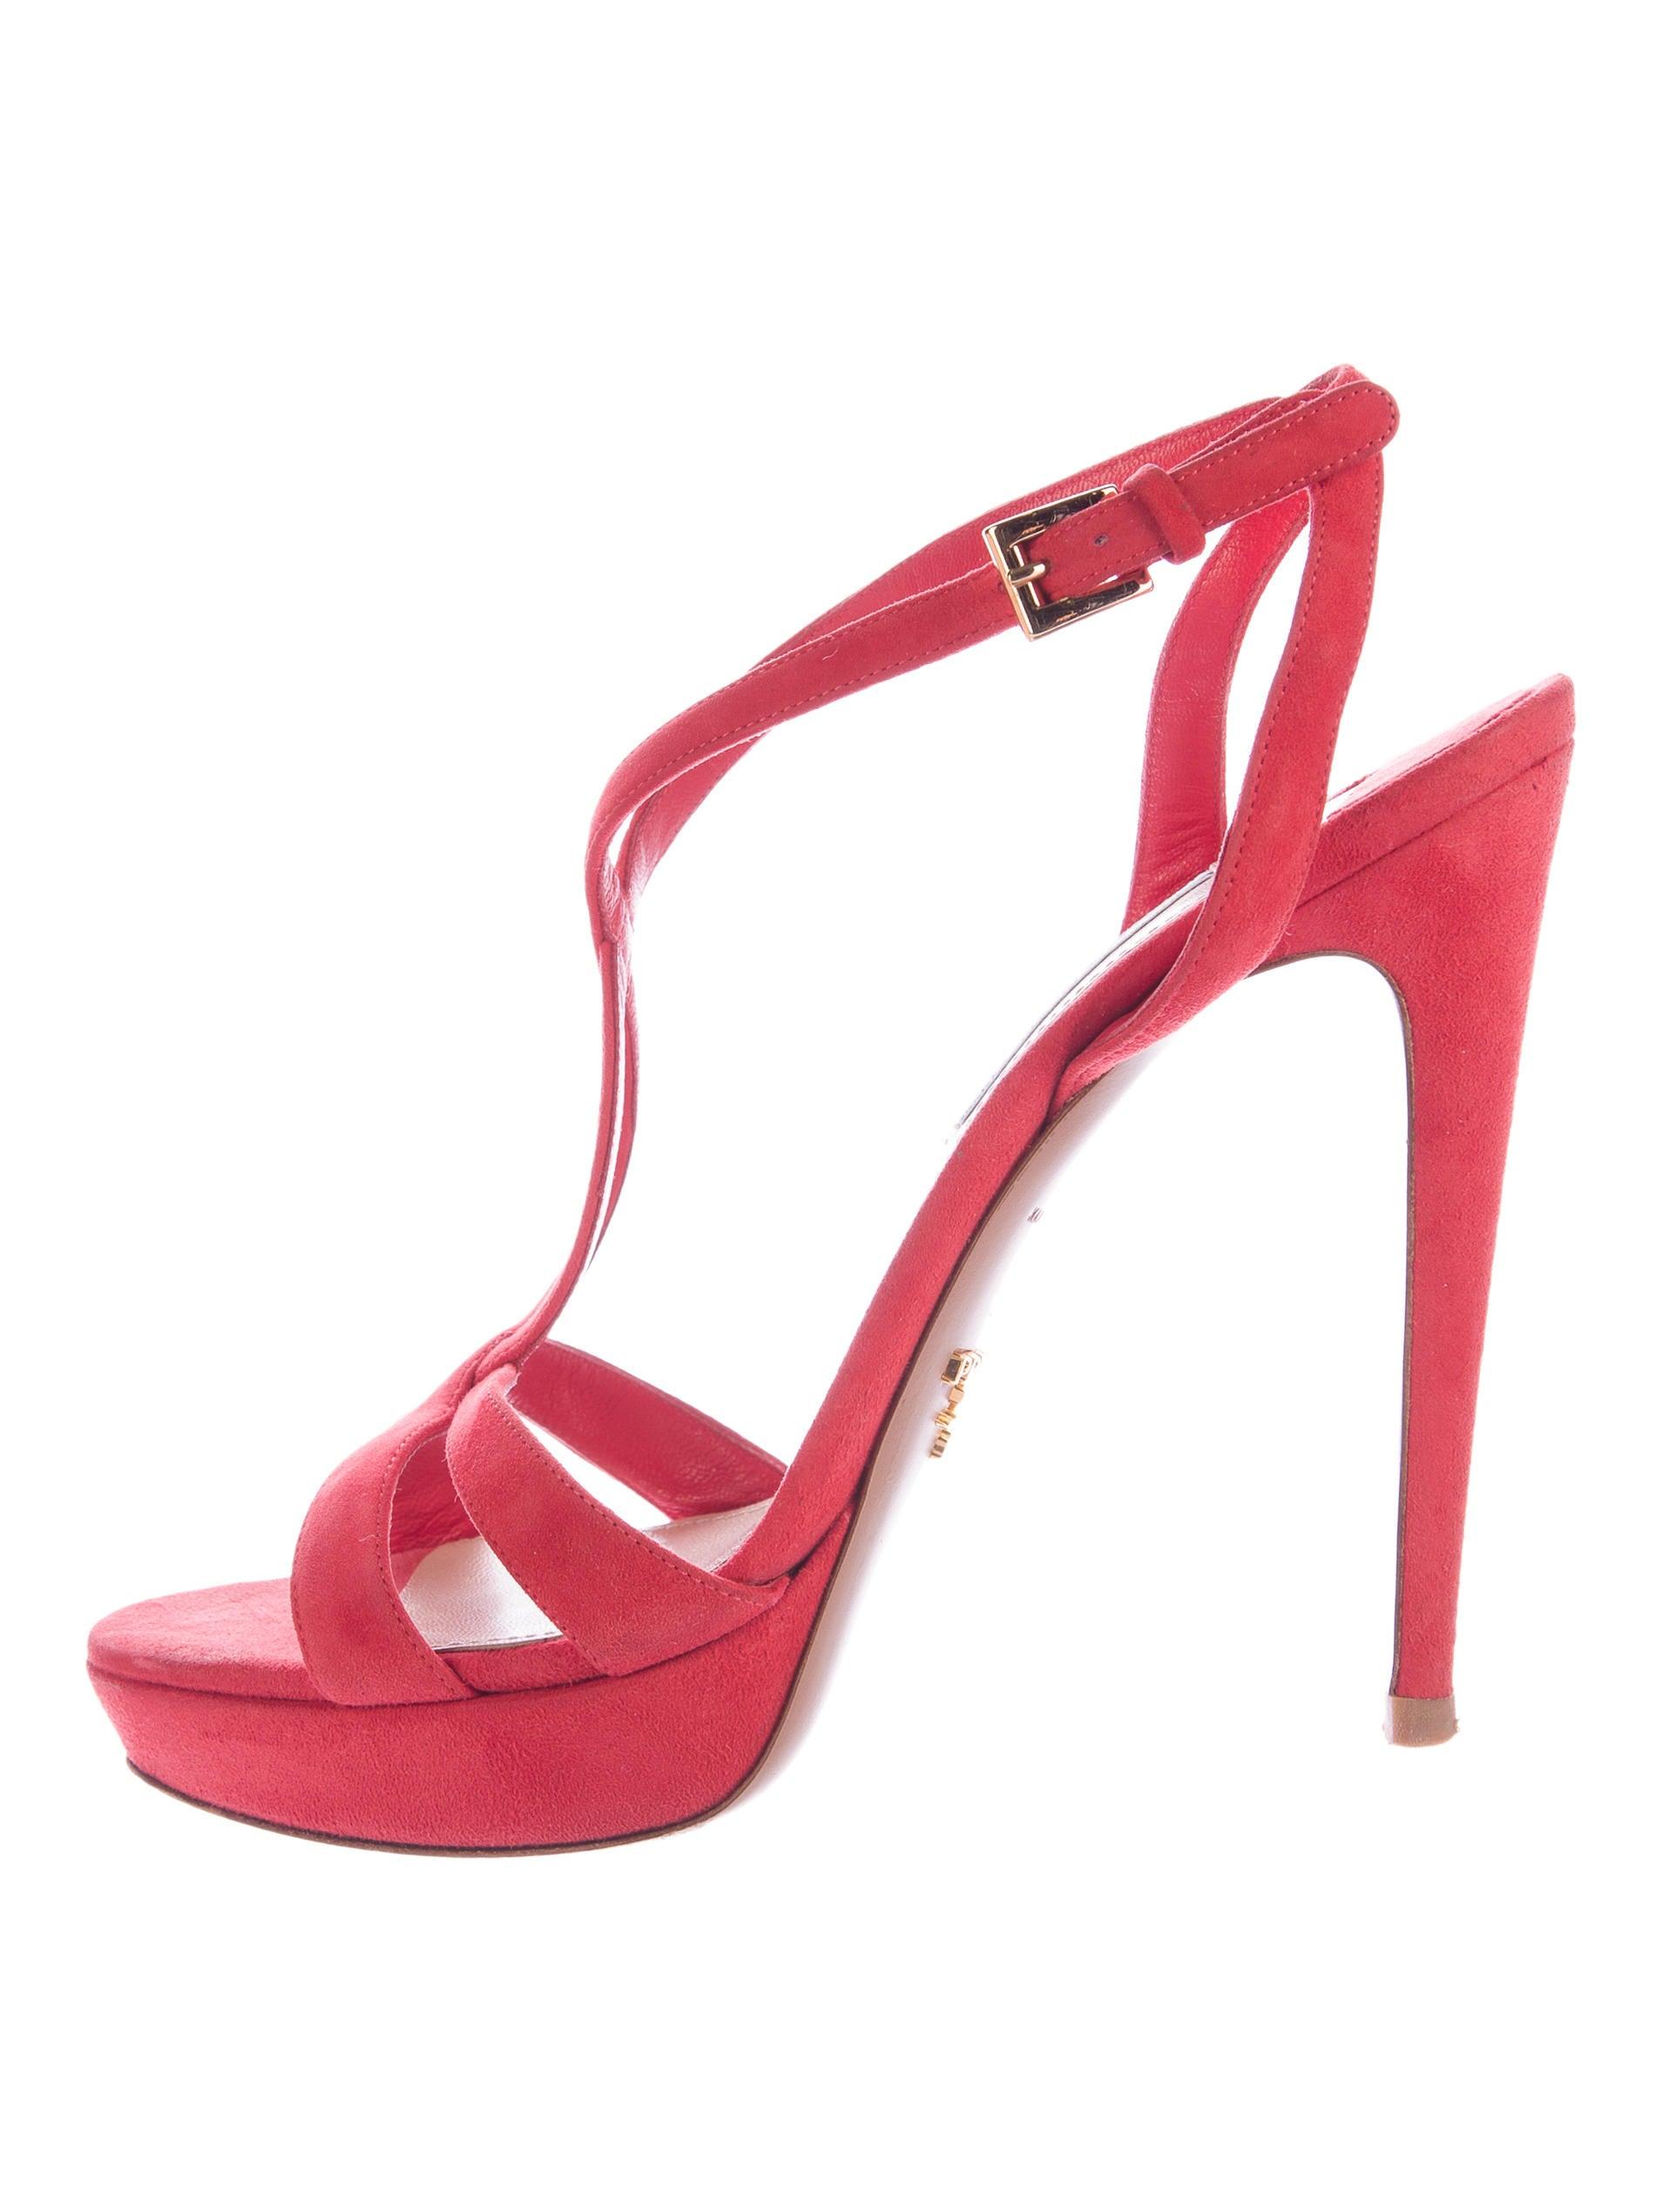 prada suede platform sandals shoes pra112114 the realreal. Black Bedroom Furniture Sets. Home Design Ideas